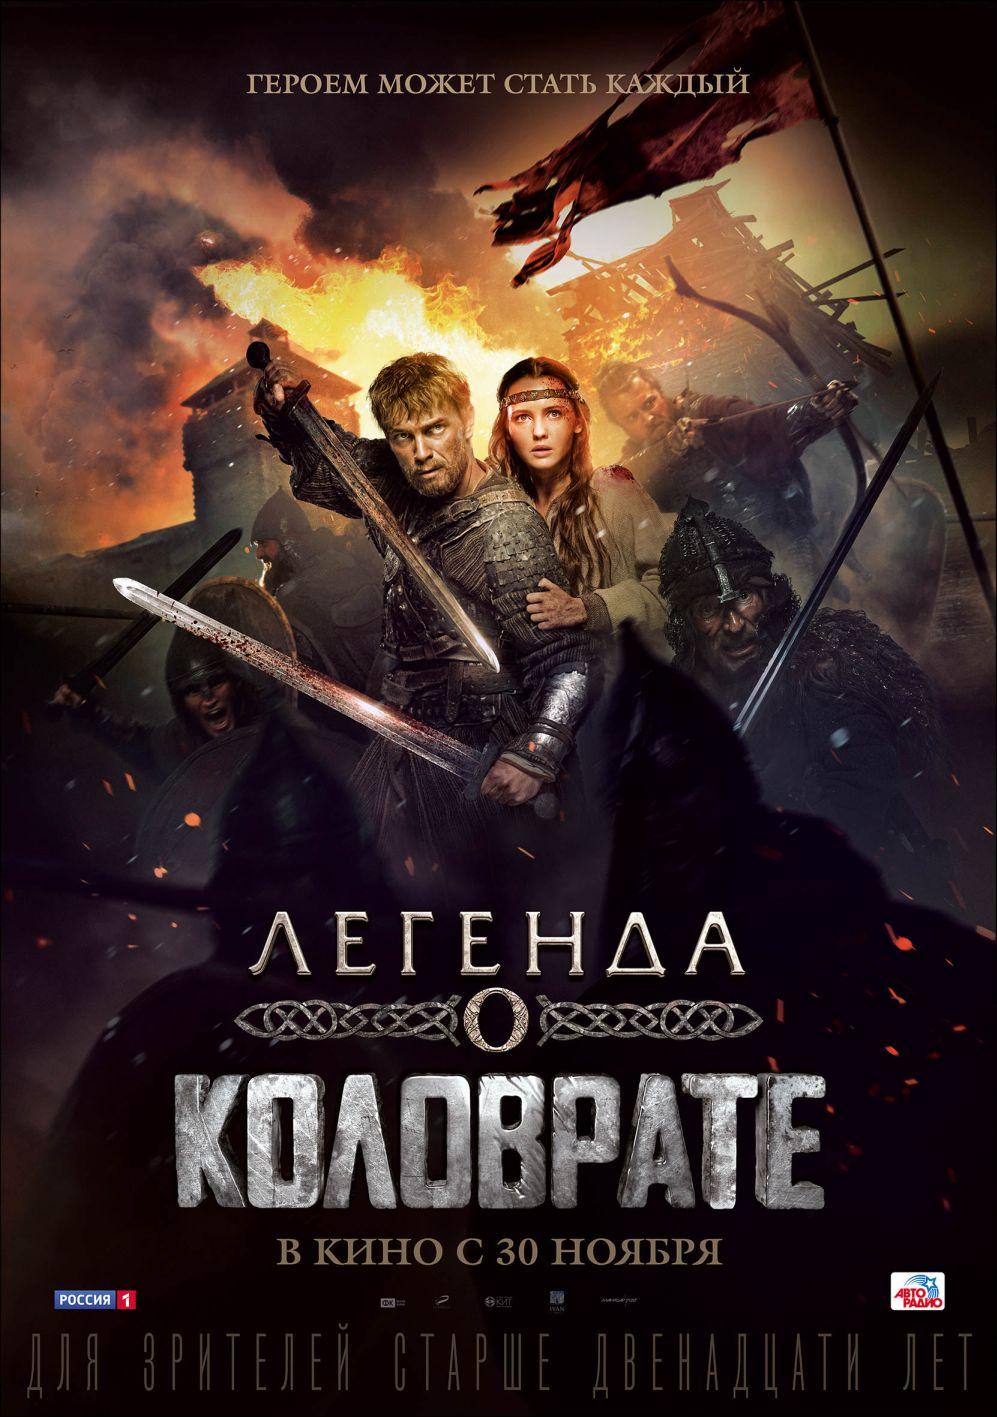 Kolovrat_poster1.jpg